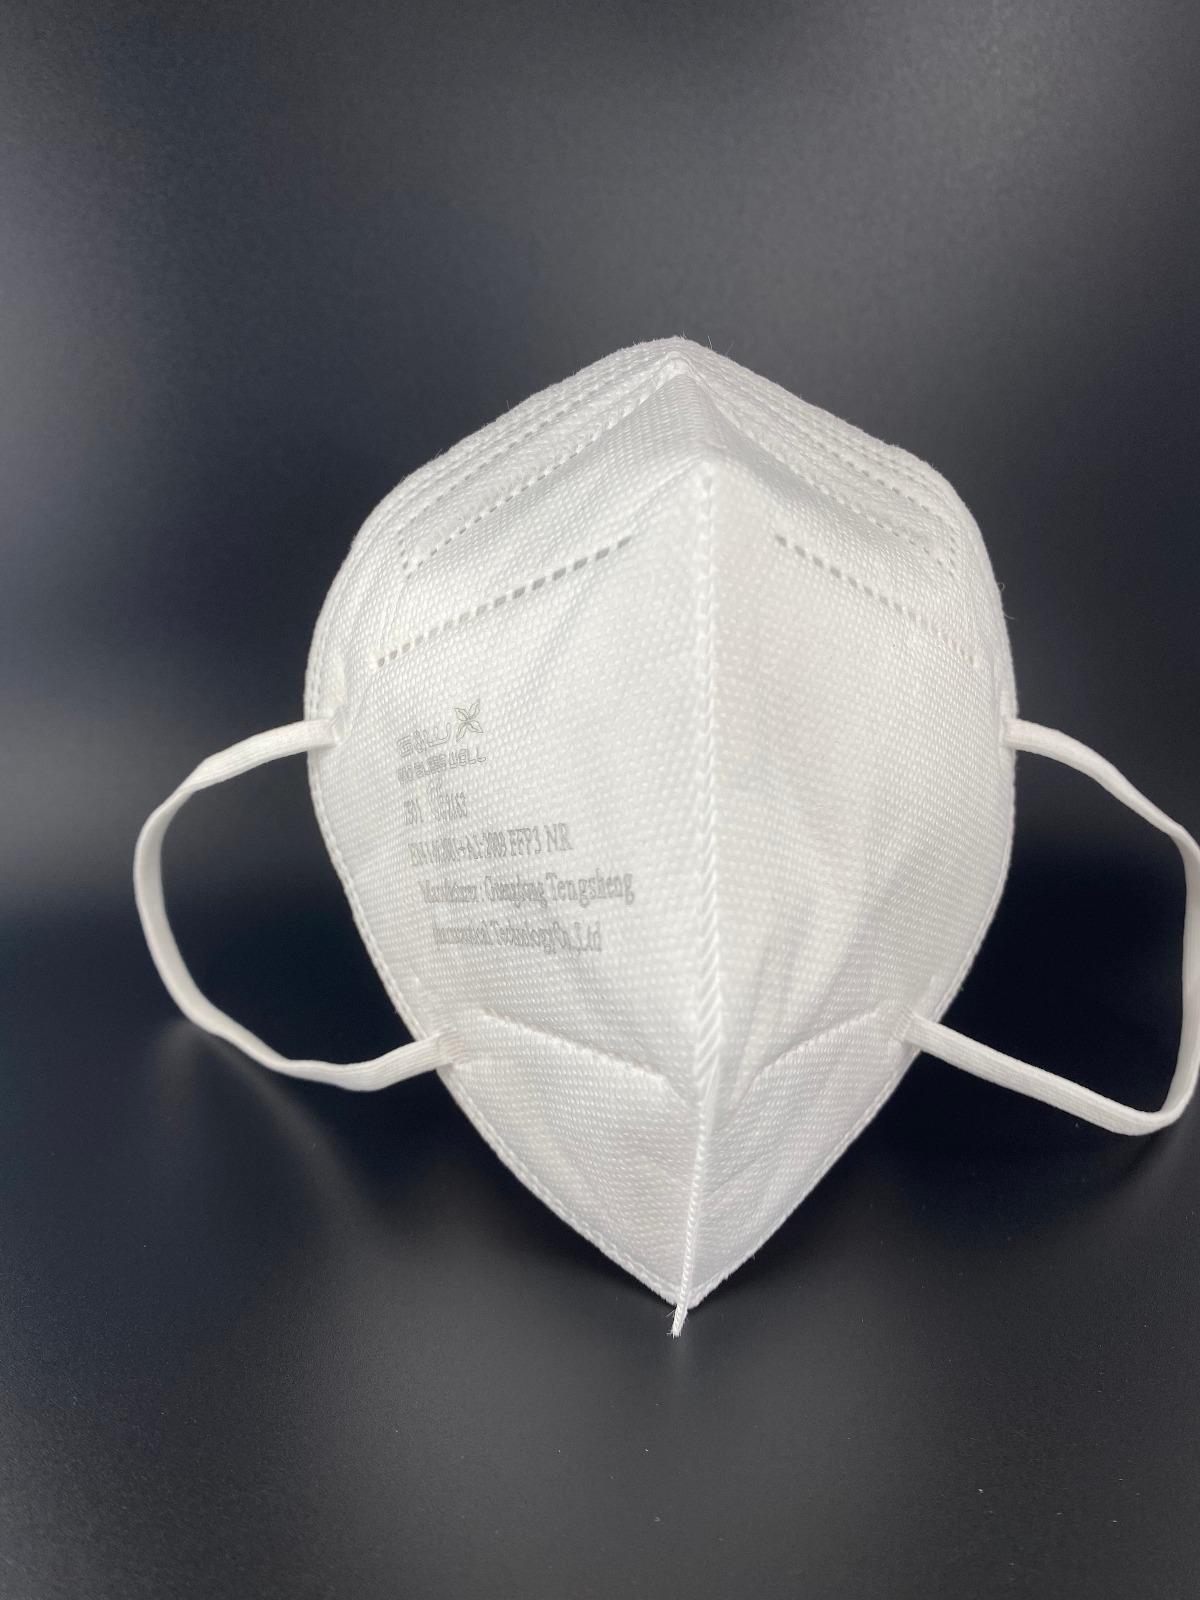 G&W Atemschutzmaske FFP3 *CE2163* ohne Ventil